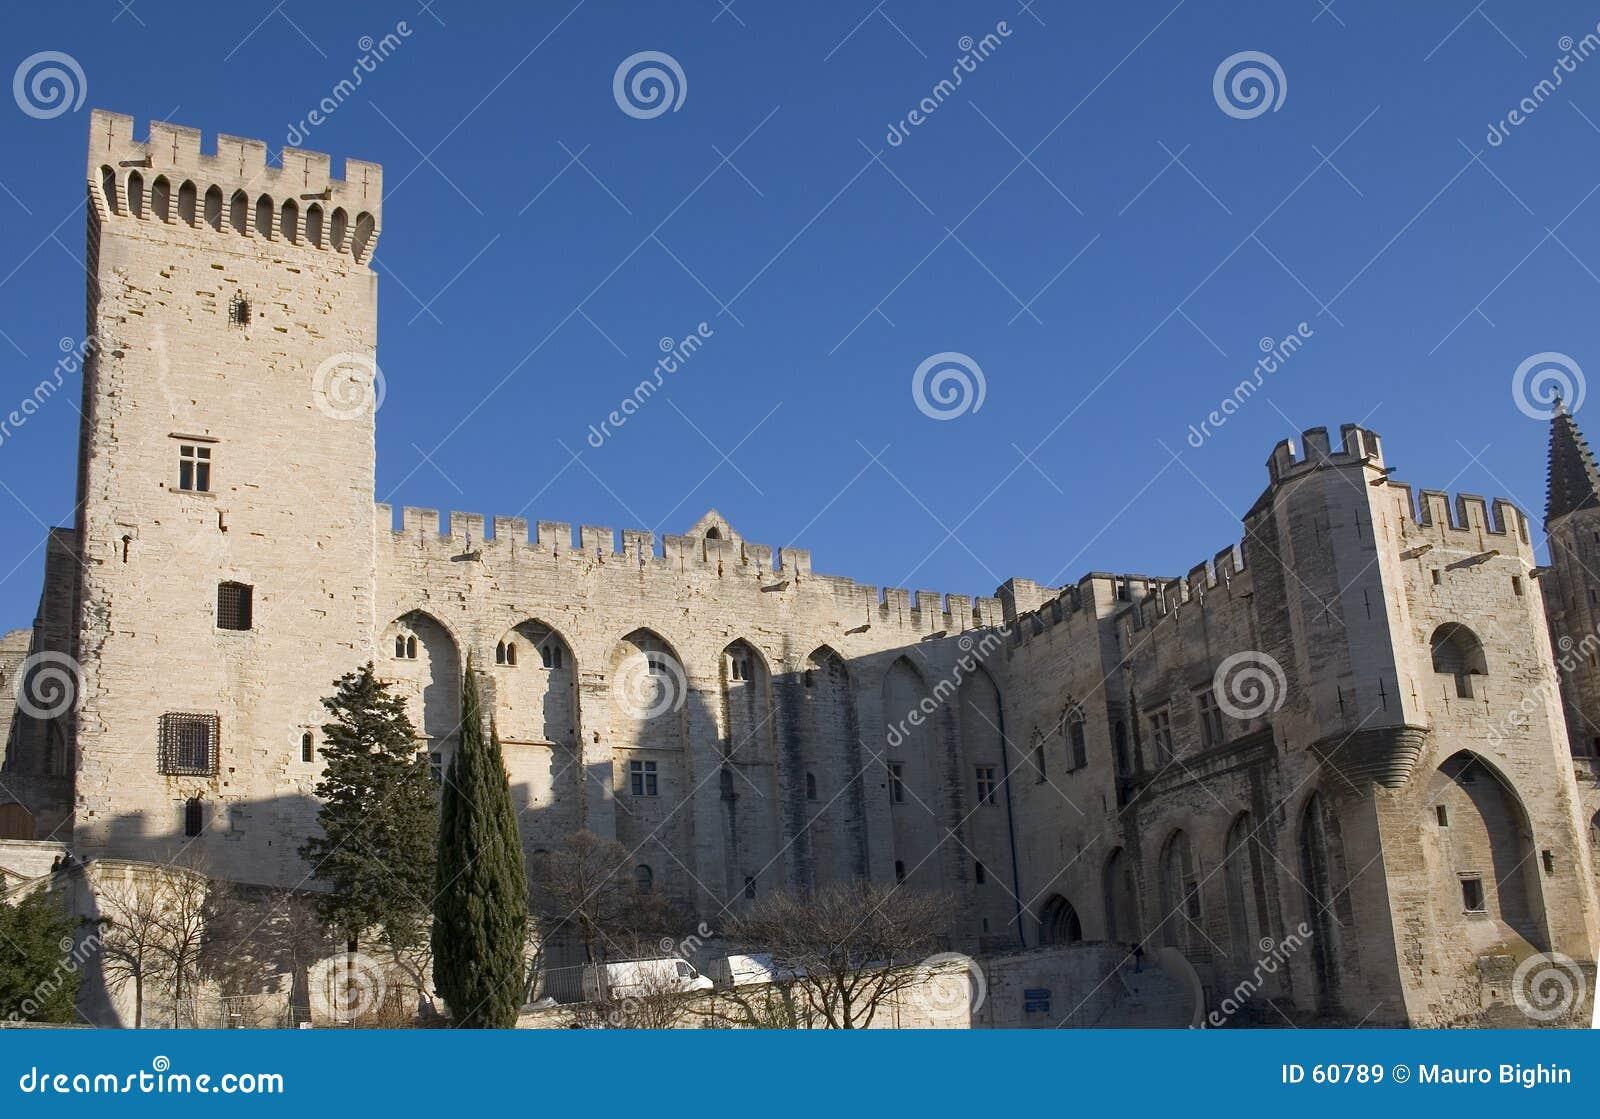 Het Paleis van pausen - Avignon - Frankrijk